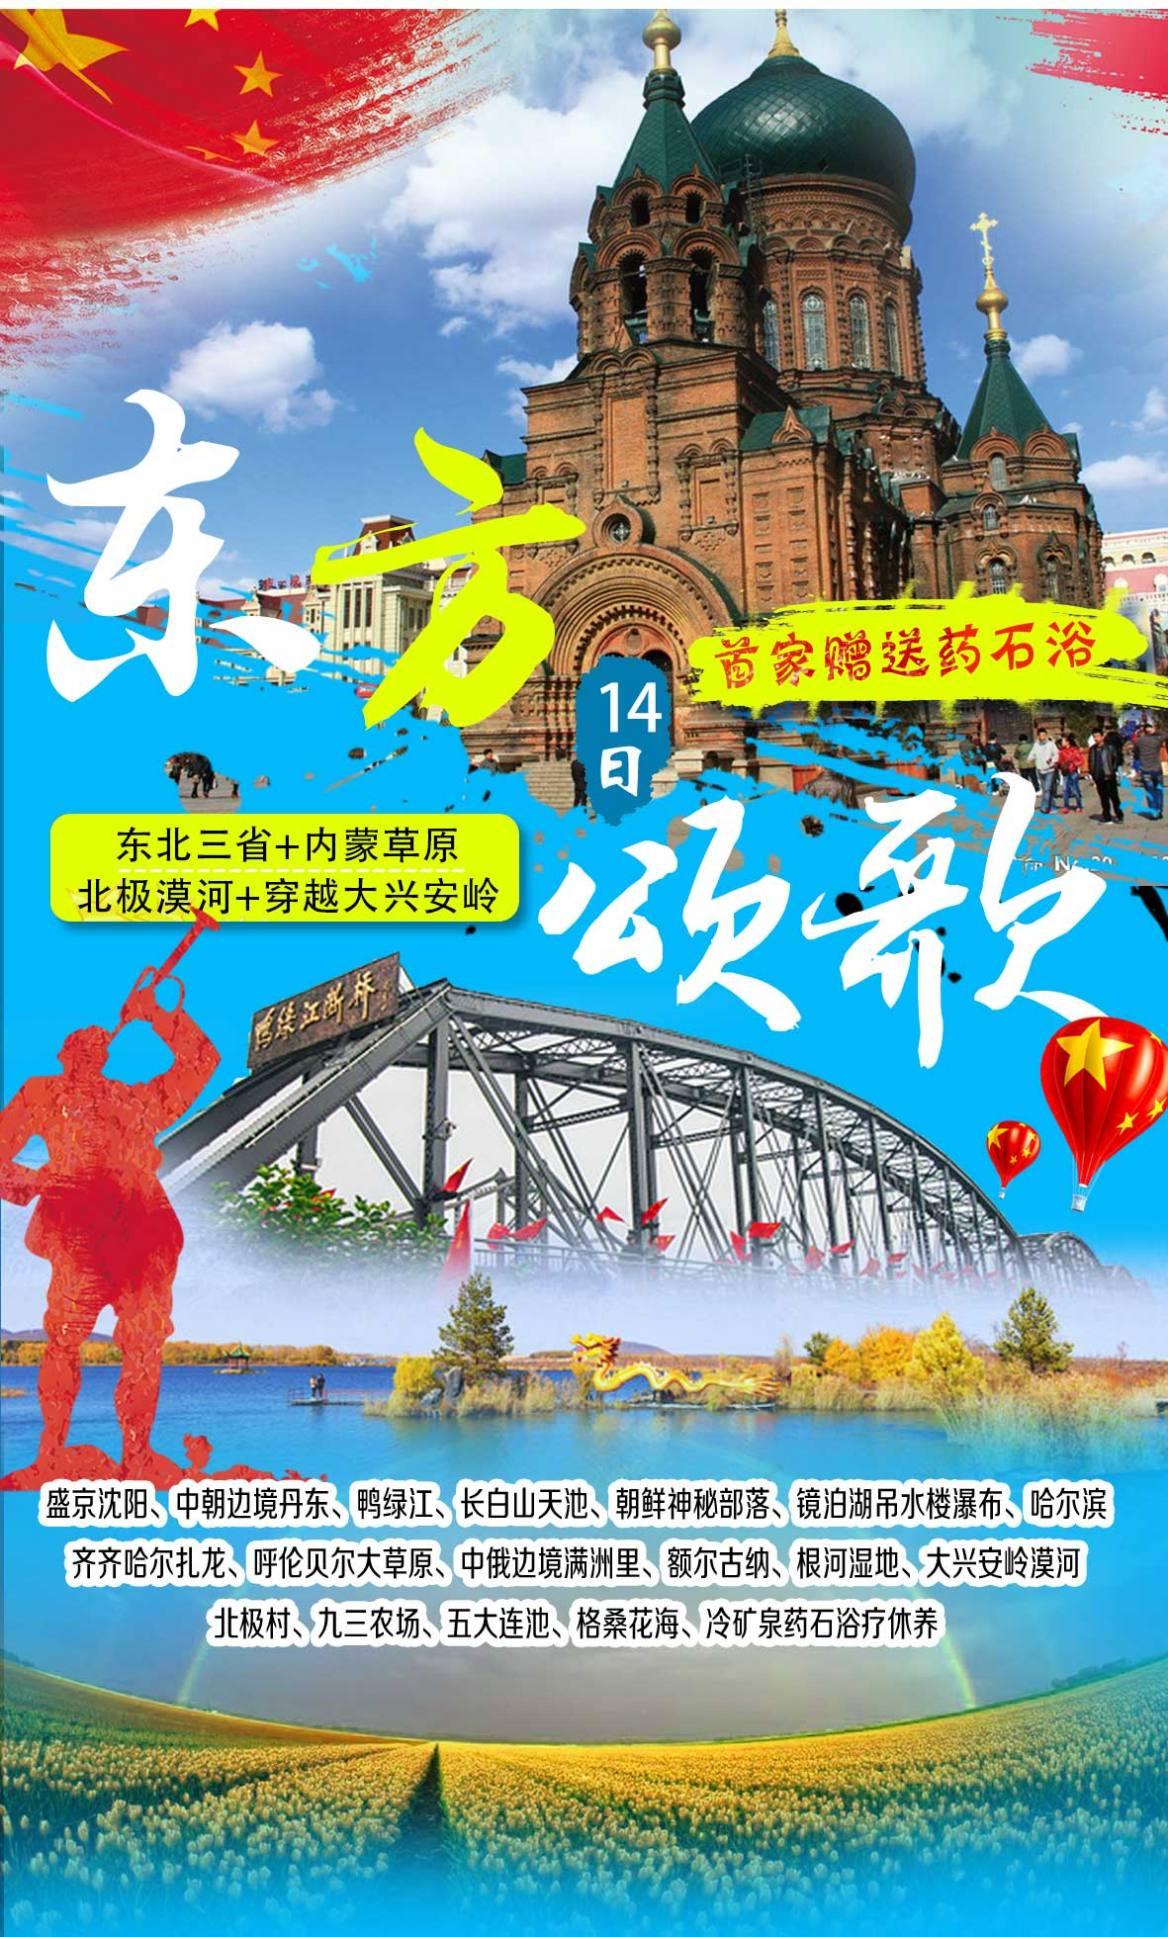 东方颂歌-334_01